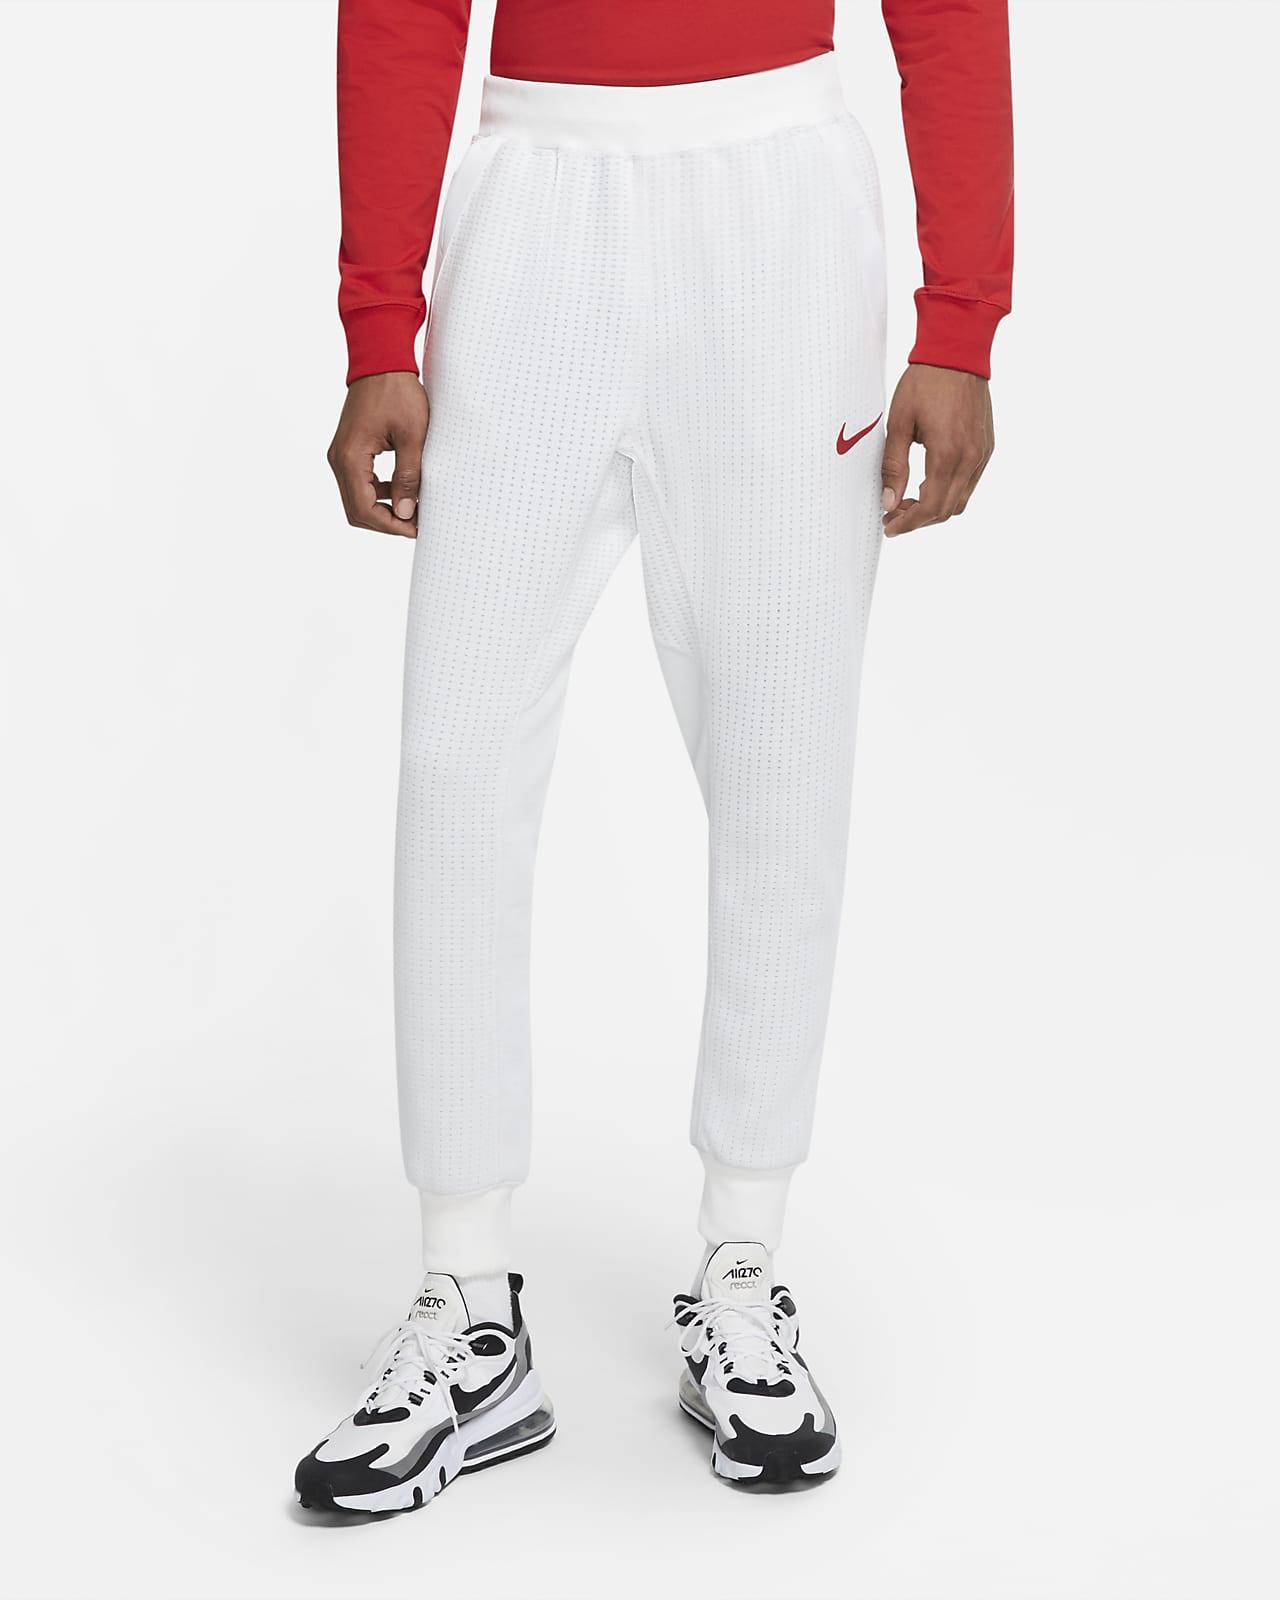 Nike Sportswear Erkek Eşofman Altı